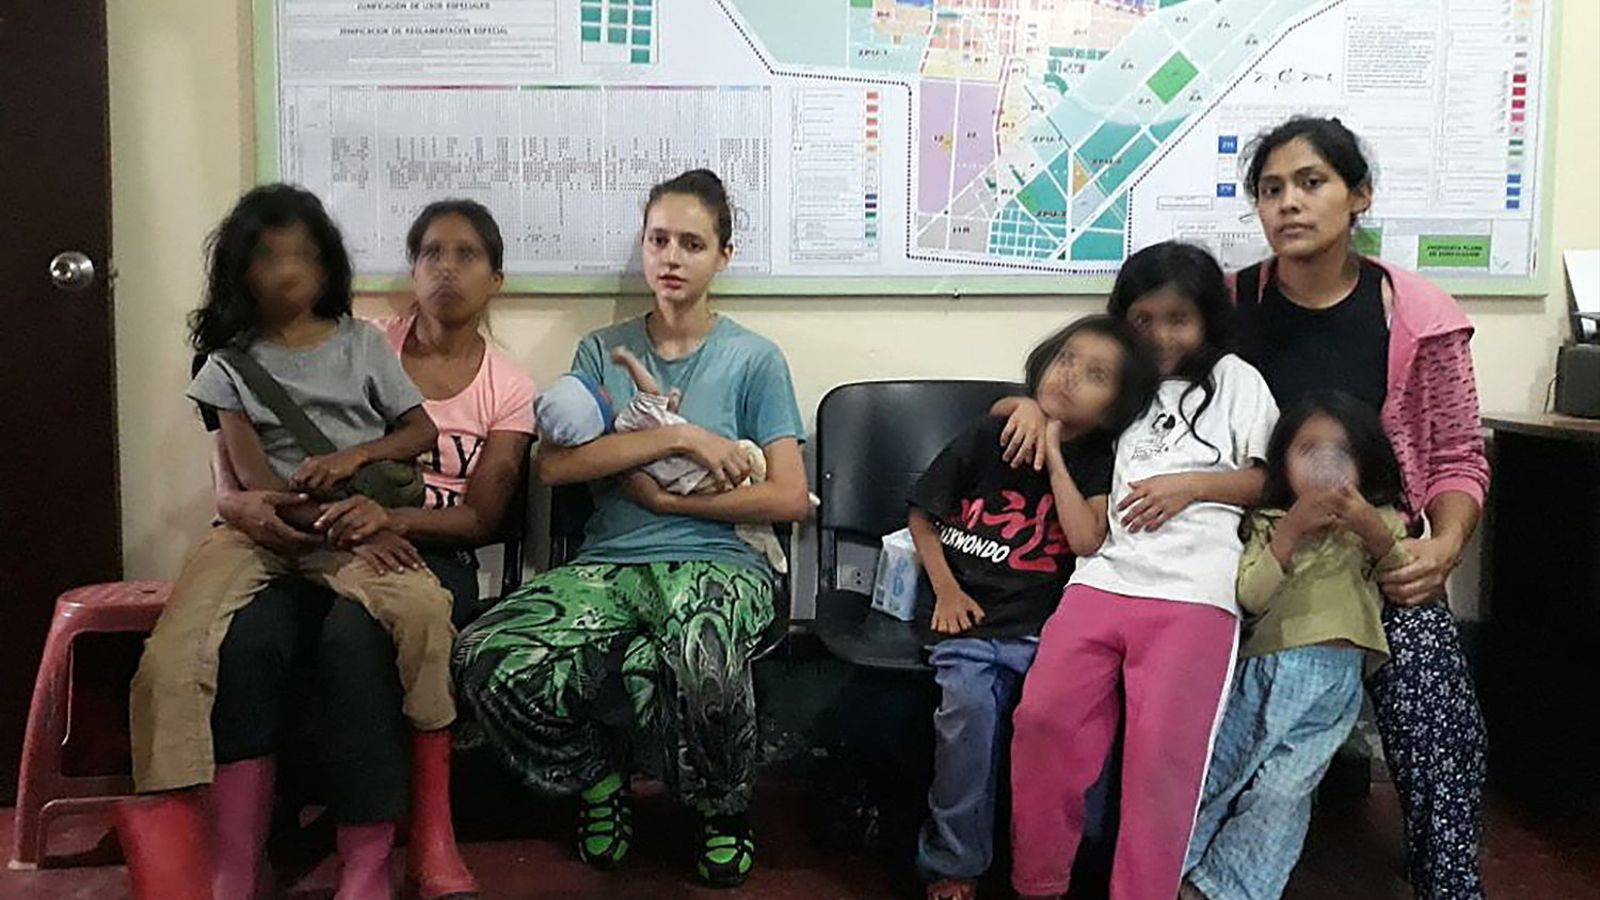 El pare de la jove valenciana presumptament captada per una secta tem que la seva filla no vulgui veure'l